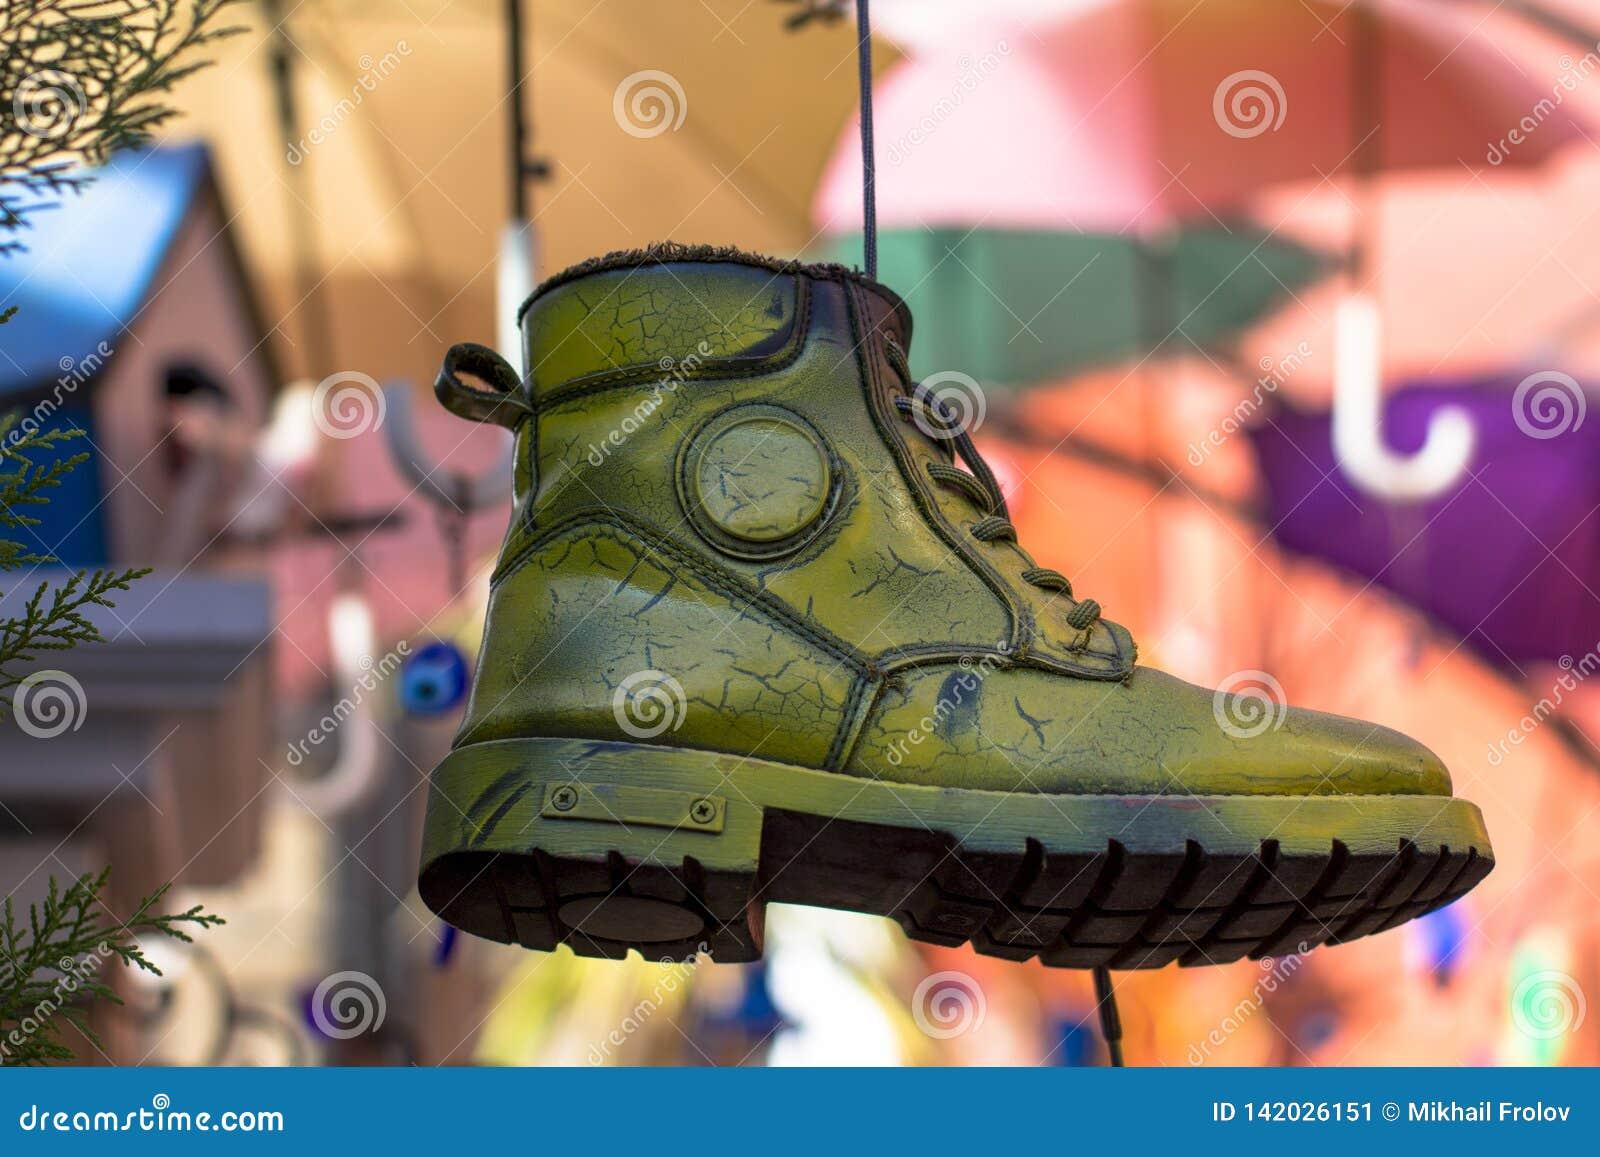 Χρωματισμένη ένωση παπουτσιών σε ένα σκοινί Φωτεινή και ζωηρόχρωμη σύνθεση μπότα - αφαίρεση σε ένα θολωμένο υπόβαθρο